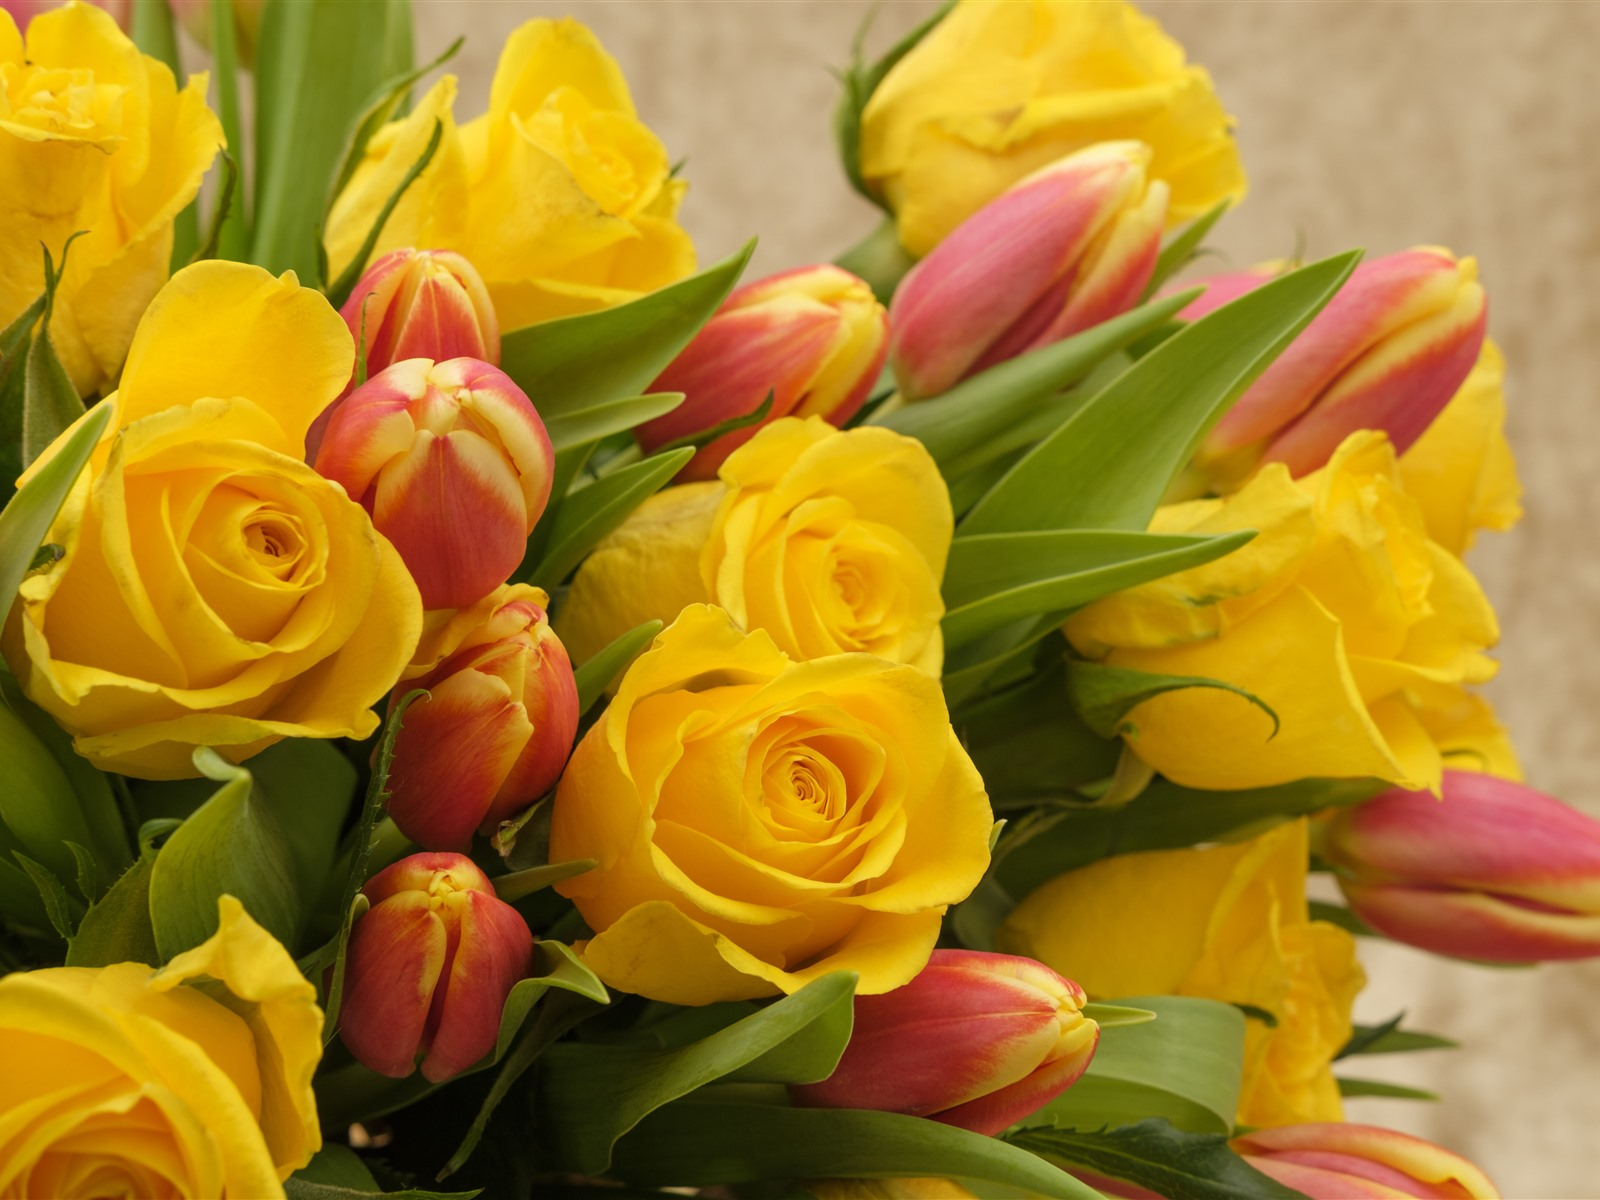 Картинки с желтыми тюльпанами и с пожеланиями